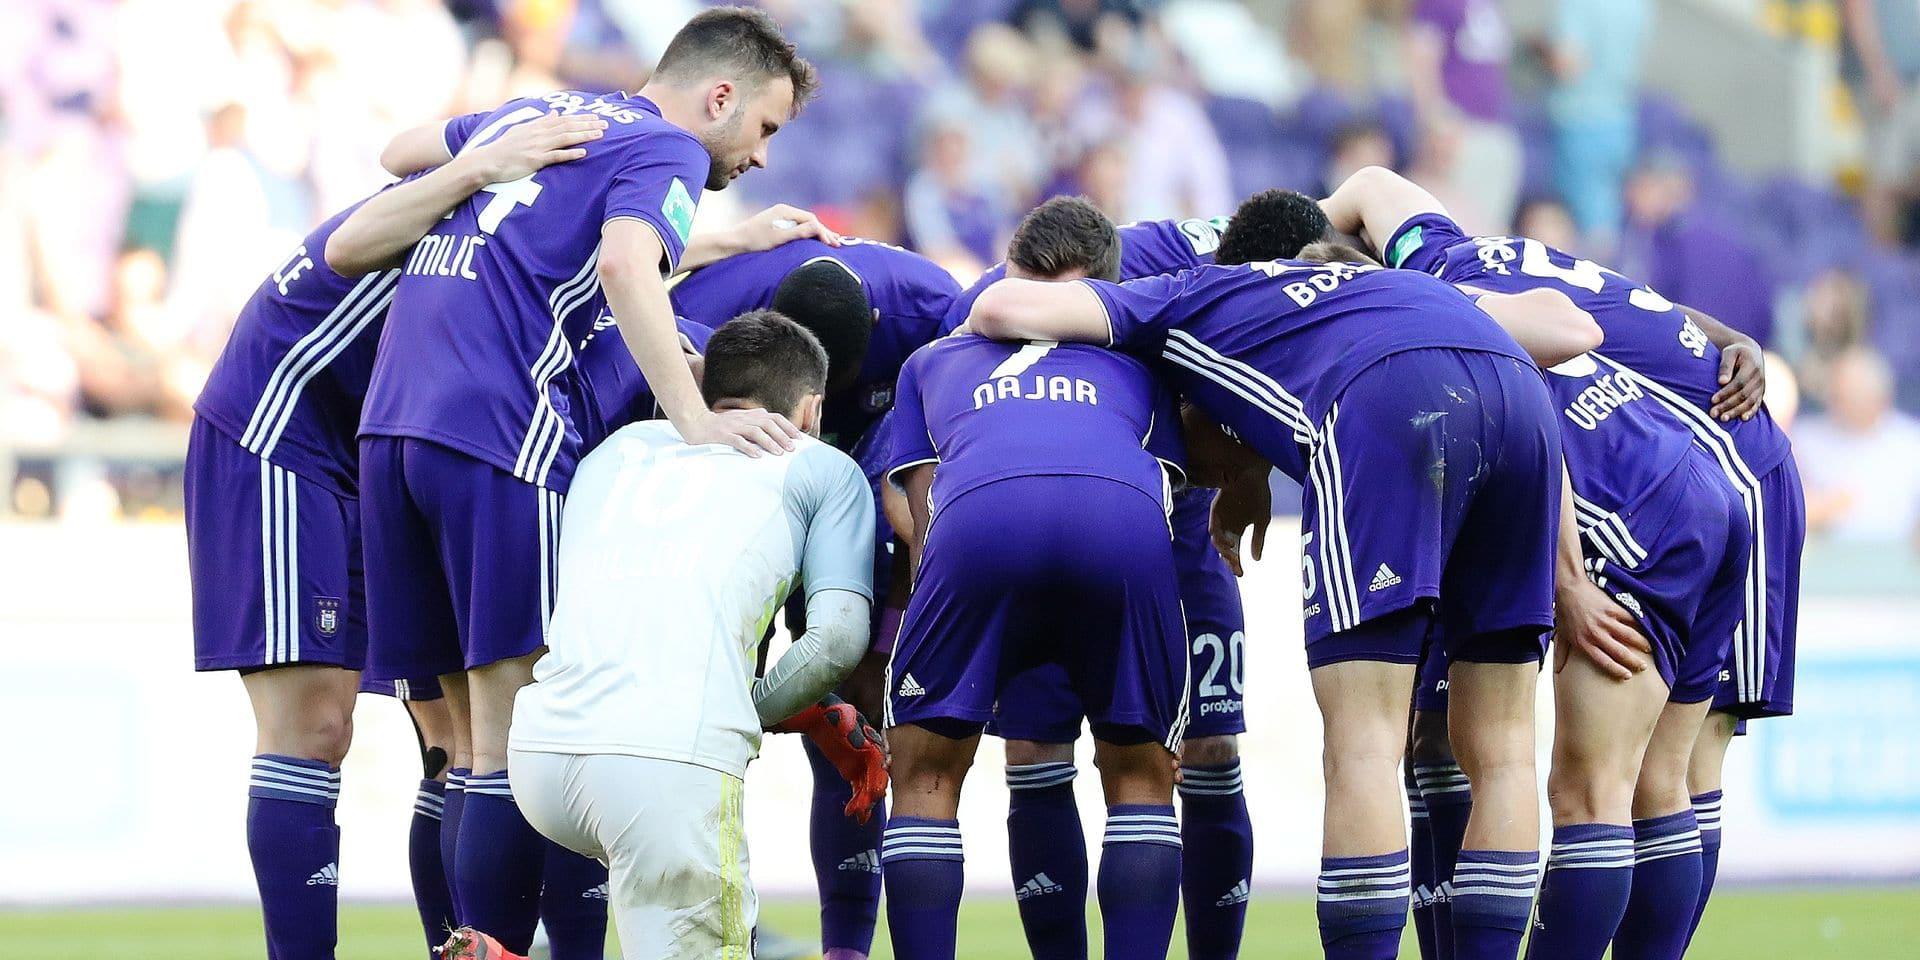 A Anderlecht, joueurs et staff ont vu du progrès mais ils sont vite contents